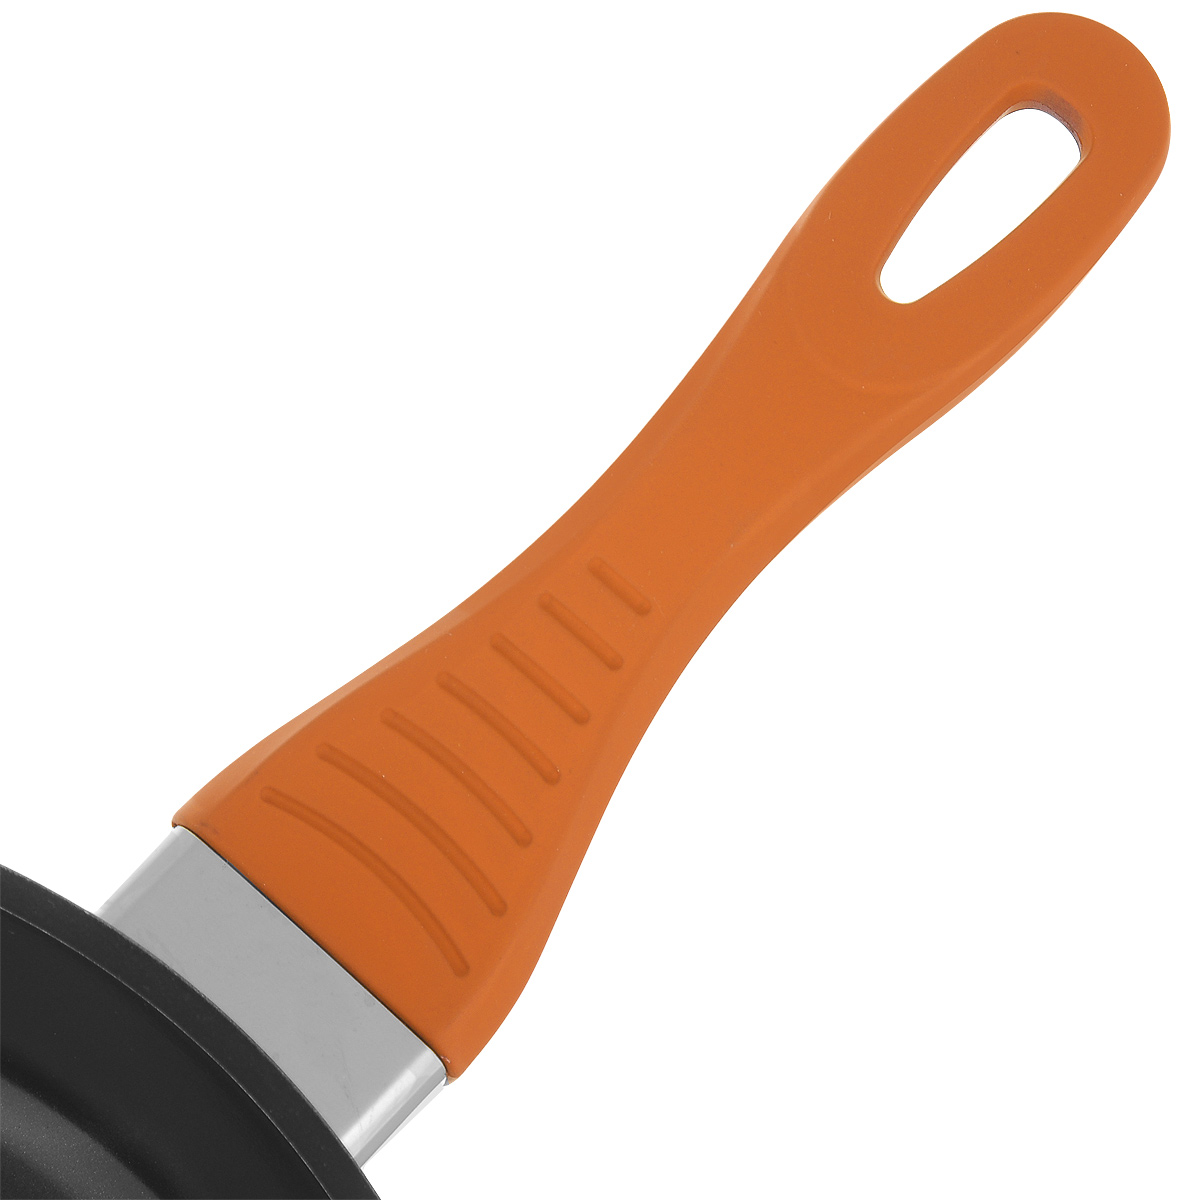 """Сковорода """"Bohmann"""" изготовлена из литого алюминия с антипригарным керамическим покрытием черного цвета  с эффектом 3D. Внешнее покрытие - жаростойкий лак, который сохраняет цвет долгое время. Благодаря  керамическому покрытию пища не пригорает и не прилипает к поверхности сковороды, что позволяет готовить с  минимальным количеством масла. Кроме того, такое покрытие абсолютно безопасно для здоровья человека, так  как не содержит вредной примеси PFOA. Рифленая внутренняя поверхность сковороды обеспечивает быстрое и  легкое приготовление. Она также оформлена рисунком в виде голубых кружков с эффектом 3D. Достоинства керамического покрытия:  - устойчивость к высоким температурам и резким перепадам температур,  - устойчивость к царапающим кухонным принадлежностям и абразивным моющим средствам,  - устойчивость к коррозии,  - водоотталкивающий эффект,  - покрытие способствует испарению воды во время готовки,  - длительный срок службы,  - безопасность для окружающей среды и человека.  Сковорода быстро разогревается, распределяя тепло по всей поверхности, что позволяет готовить в  энергосберегающем режиме, значительно сокращая время, проведенное у плиты.  Сковорода оснащена ручкой, выполненной из бакелита с термостойким силиконовым покрытием. Такая ручка не  нагревается в процессе готовки и обеспечивает надежный хват. Крышка изготовлена из жаропрочного стекла,  оснащена ручкой, отверстием для выпуска пара и металлическим ободом. Благодаря такой крышке можно следить  за приготовлением пищи без потери тепла.  Подходит для всех типов плит.  Подходит для чистки в посудомоечной машине."""